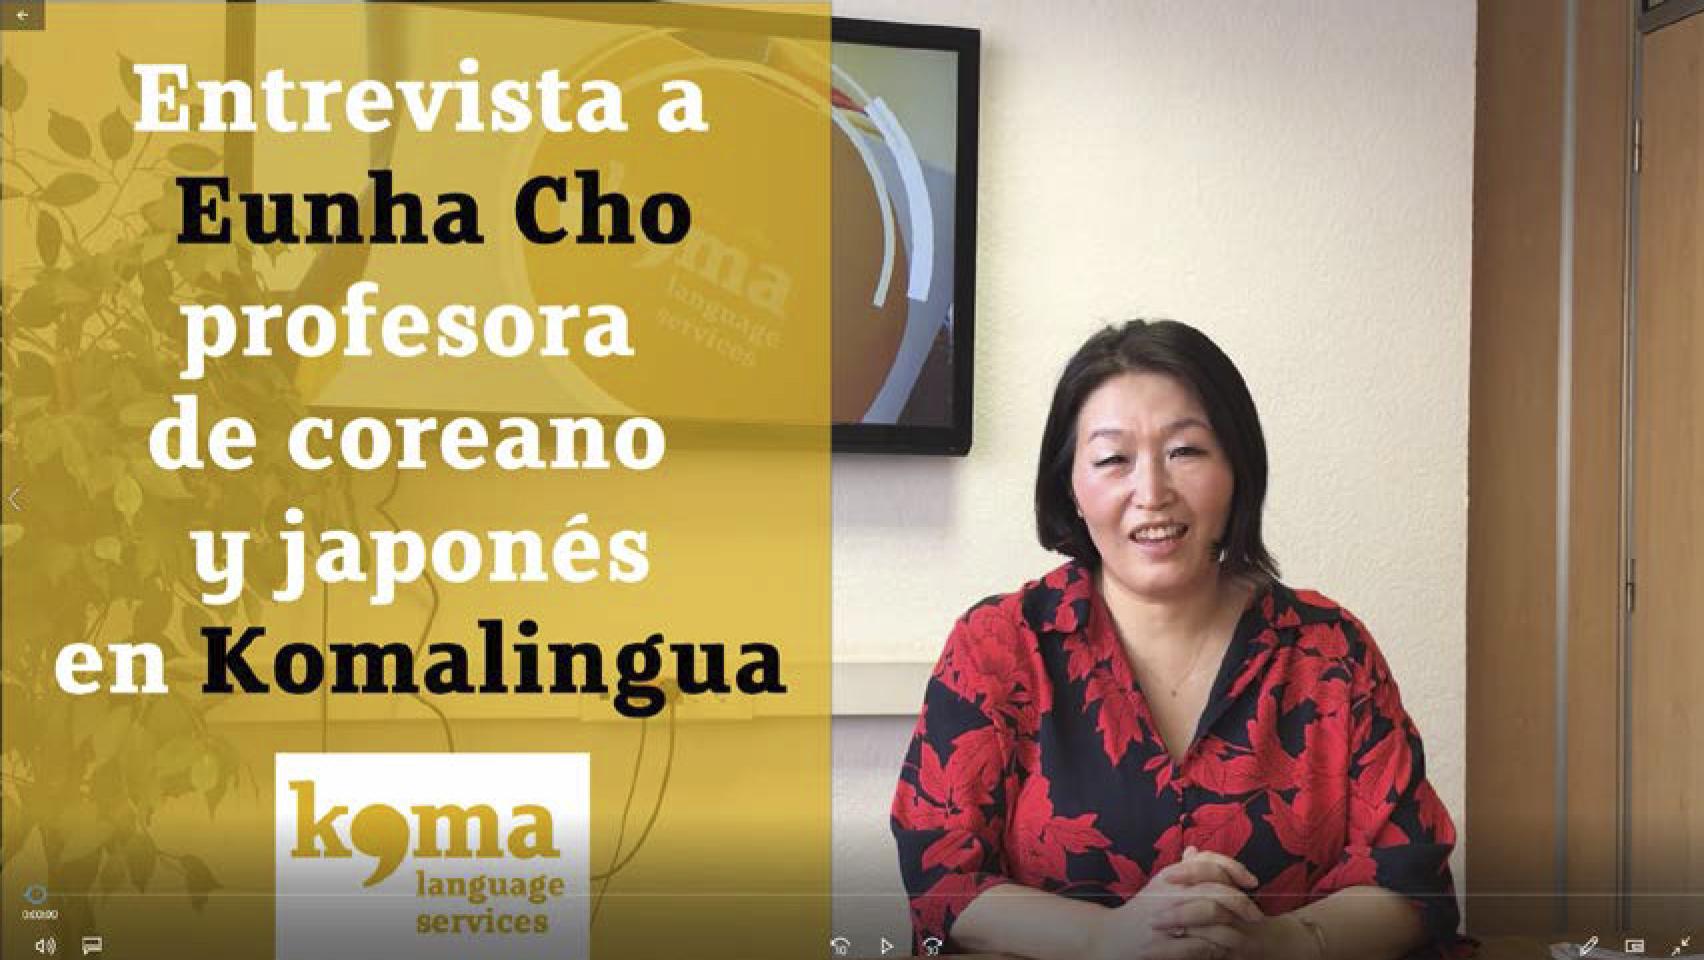 entrevista a Eunha, profesora de coreano y japonés en Komalingua